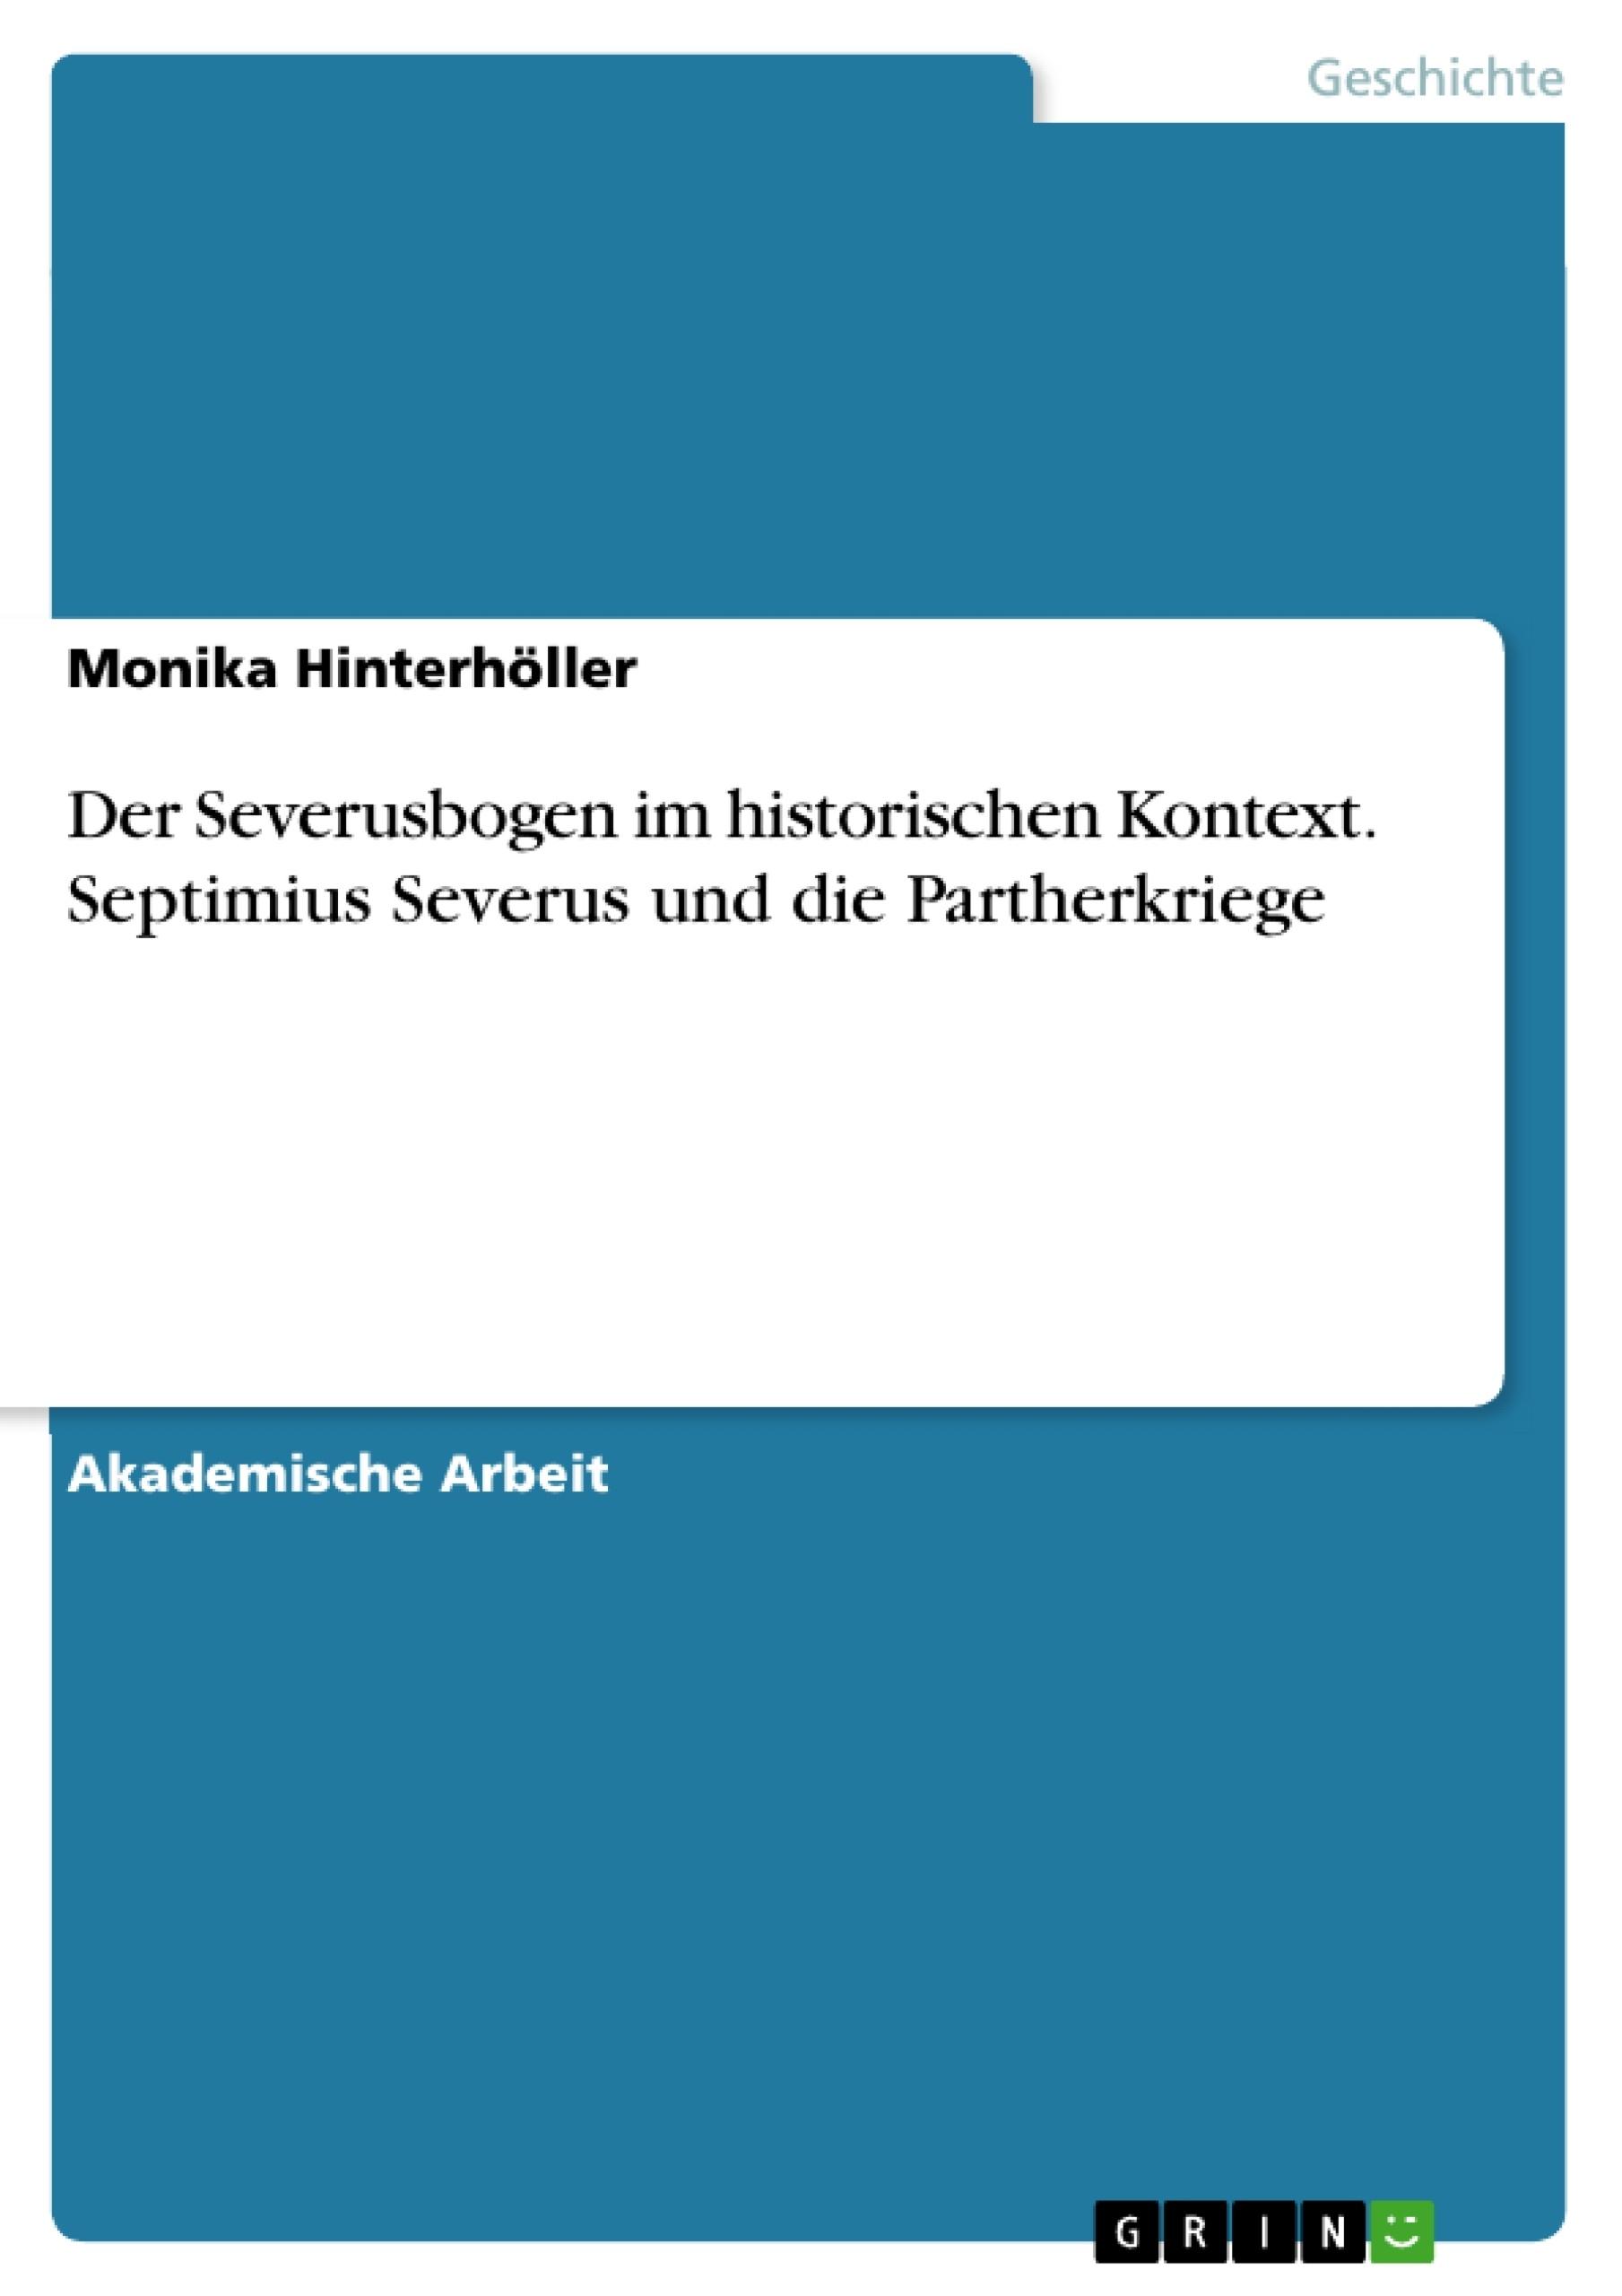 Titel: Der Severusbogen im historischen Kontext. Septimius Severus und die Partherkriege